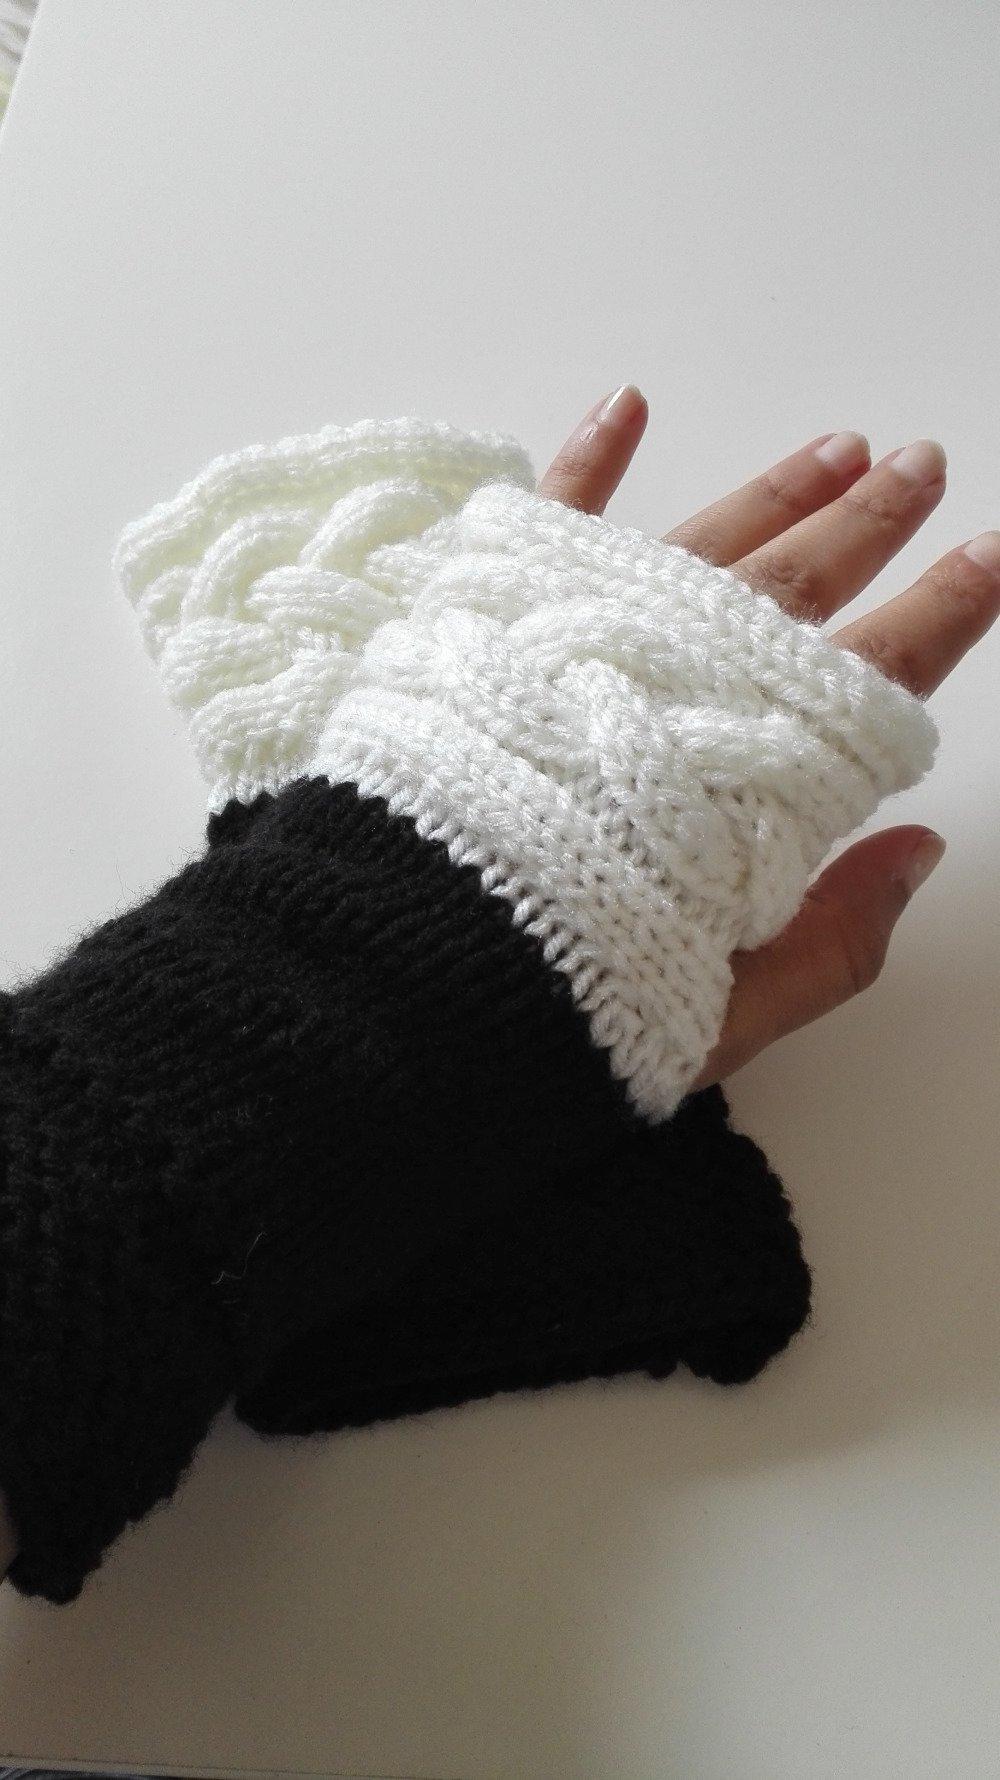 Mitaine Outlander gants laine blanc noir torsade Ecosse Claire sassenach idée cadeau femme Miss Perles